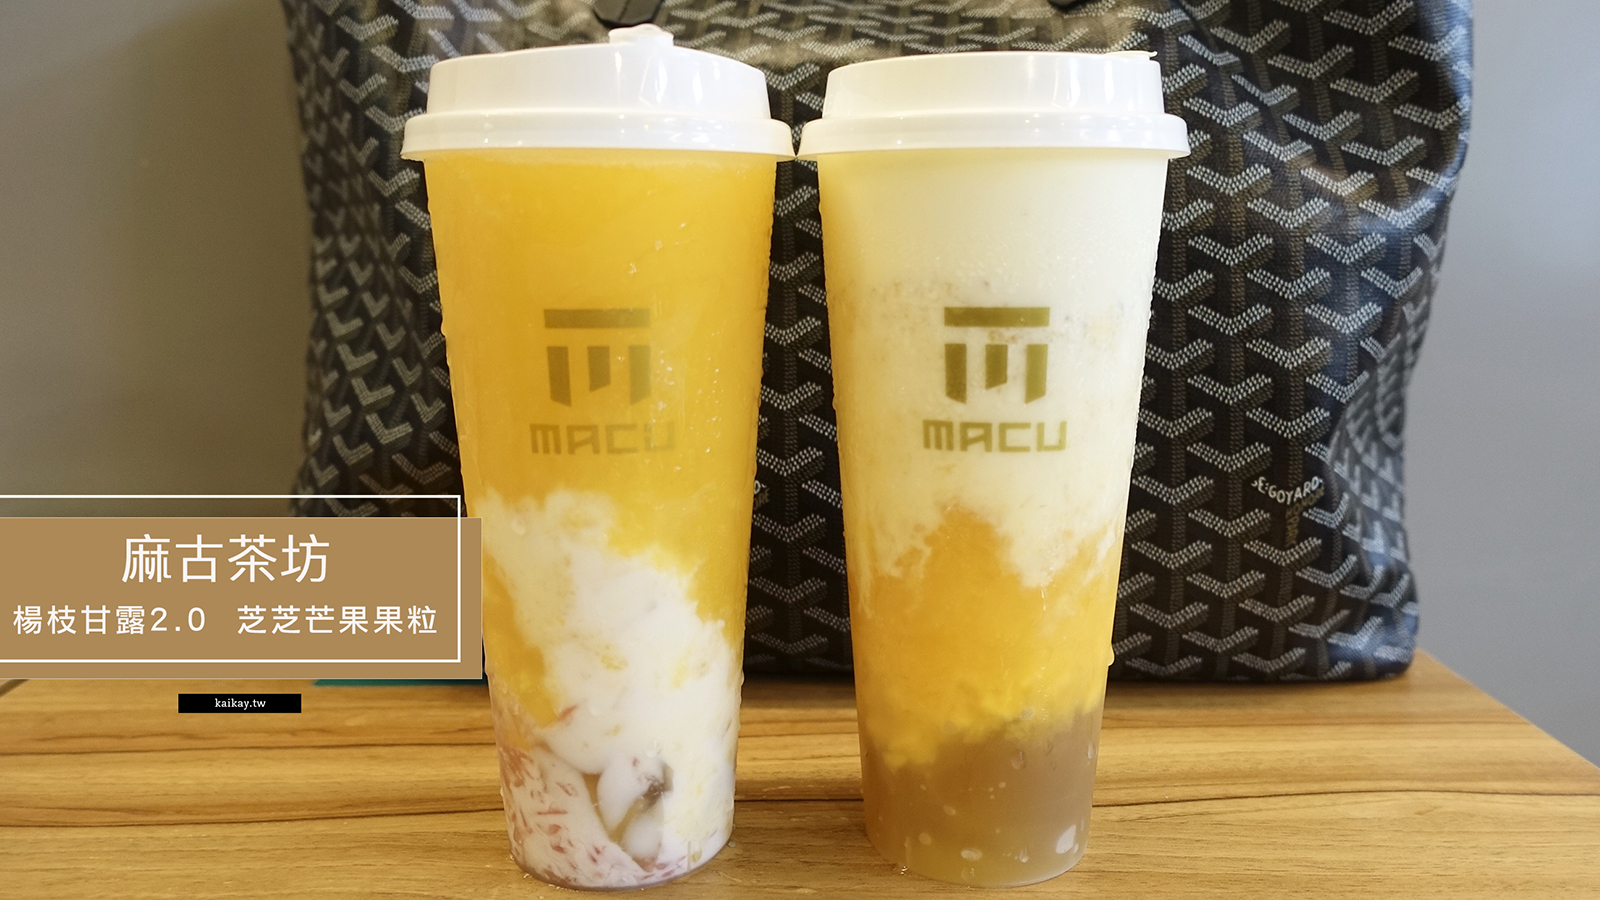 ☆【麻古茶坊】楊枝甘露2.0、芝芝芒果果粒喝起來!最好喝的起司奶蓋 @凱的日本食尚日記